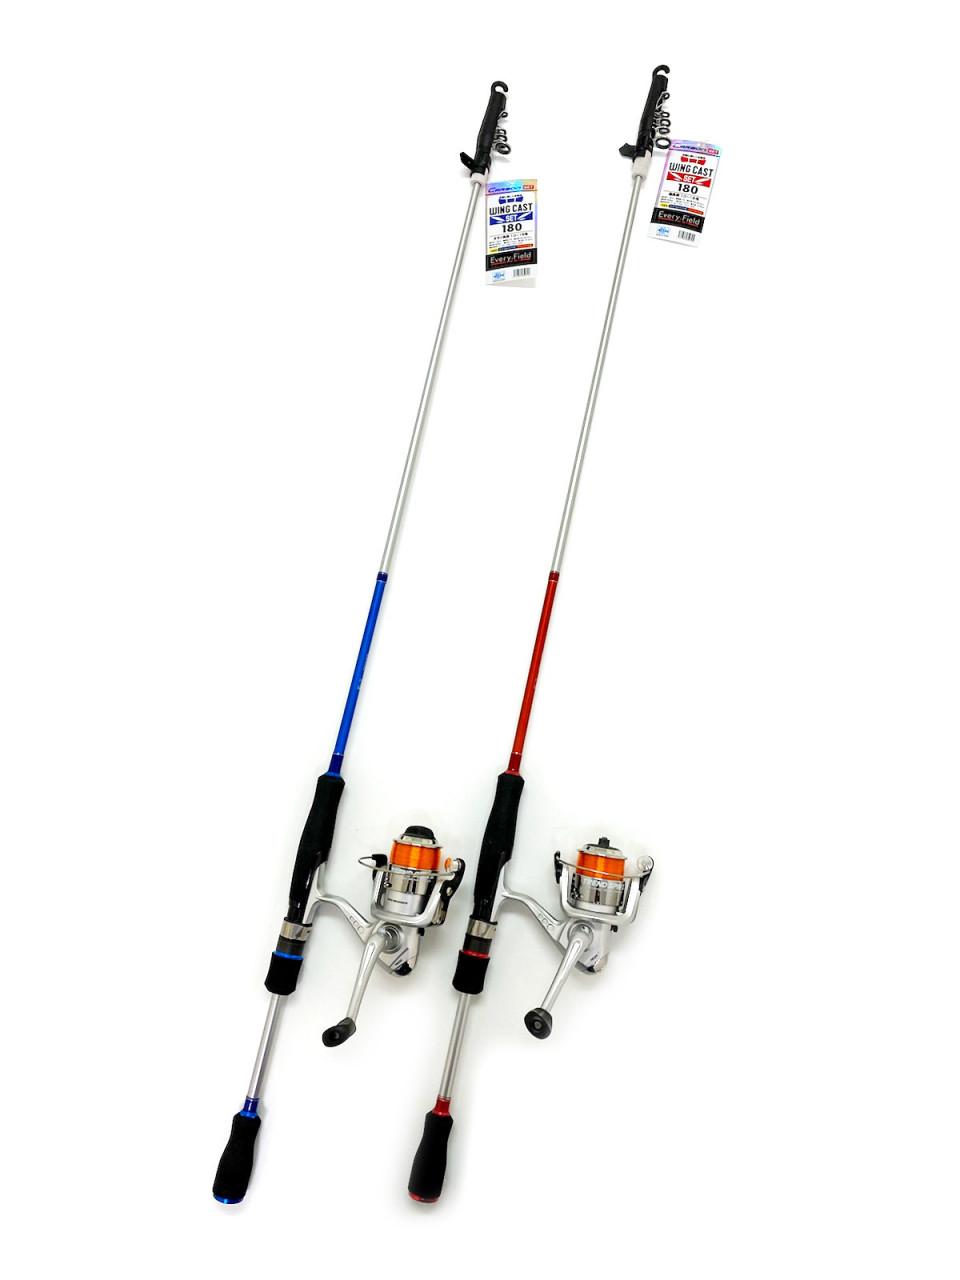 堤防でのちょい投げ釣り・サビキ釣りからルアー釣りまで幅広い釣種で活躍する便利なセット。竿のグリップ部分にはセパレートグリップを採用することにより投げやすさを追求。またルアーフィッシング用の竿のように外見にもこだわったアイテムです。